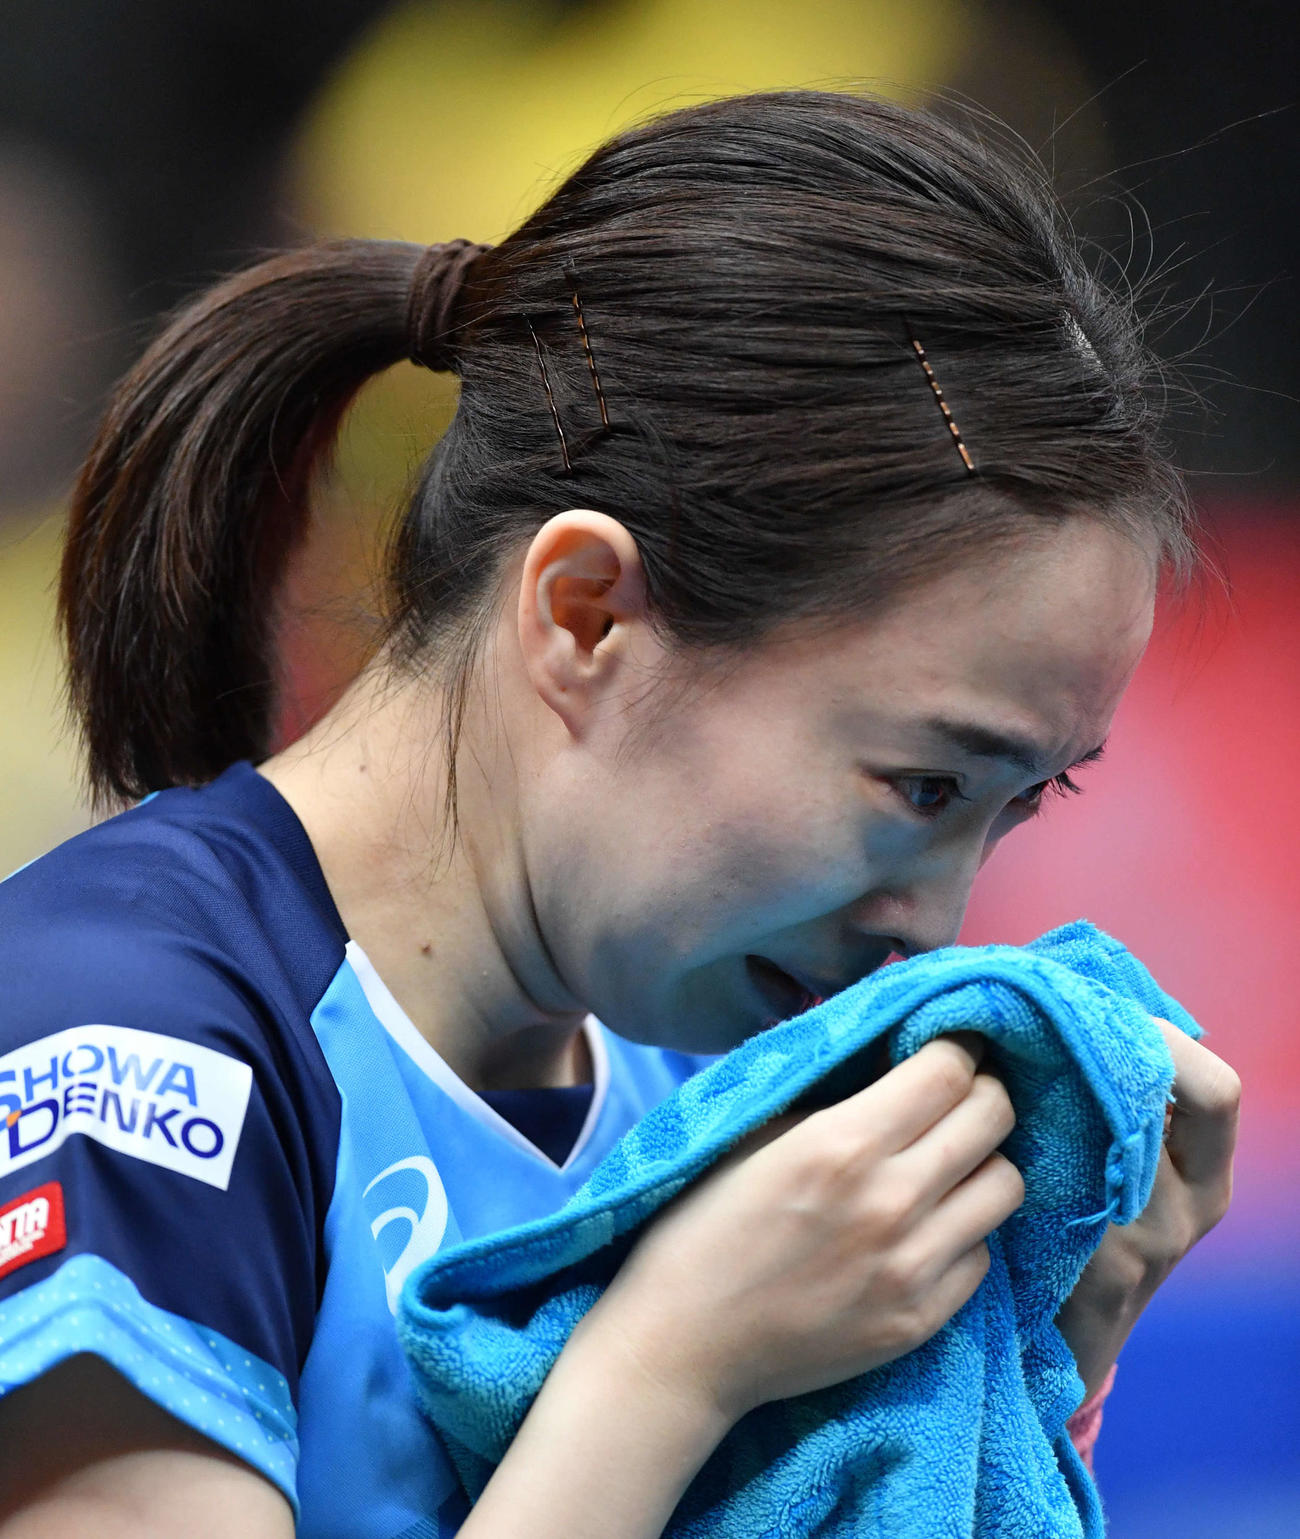 全日本卓球選手権 女子シングルス優勝を決め、涙があふれだす石川佳純(撮影・岩下翔太)